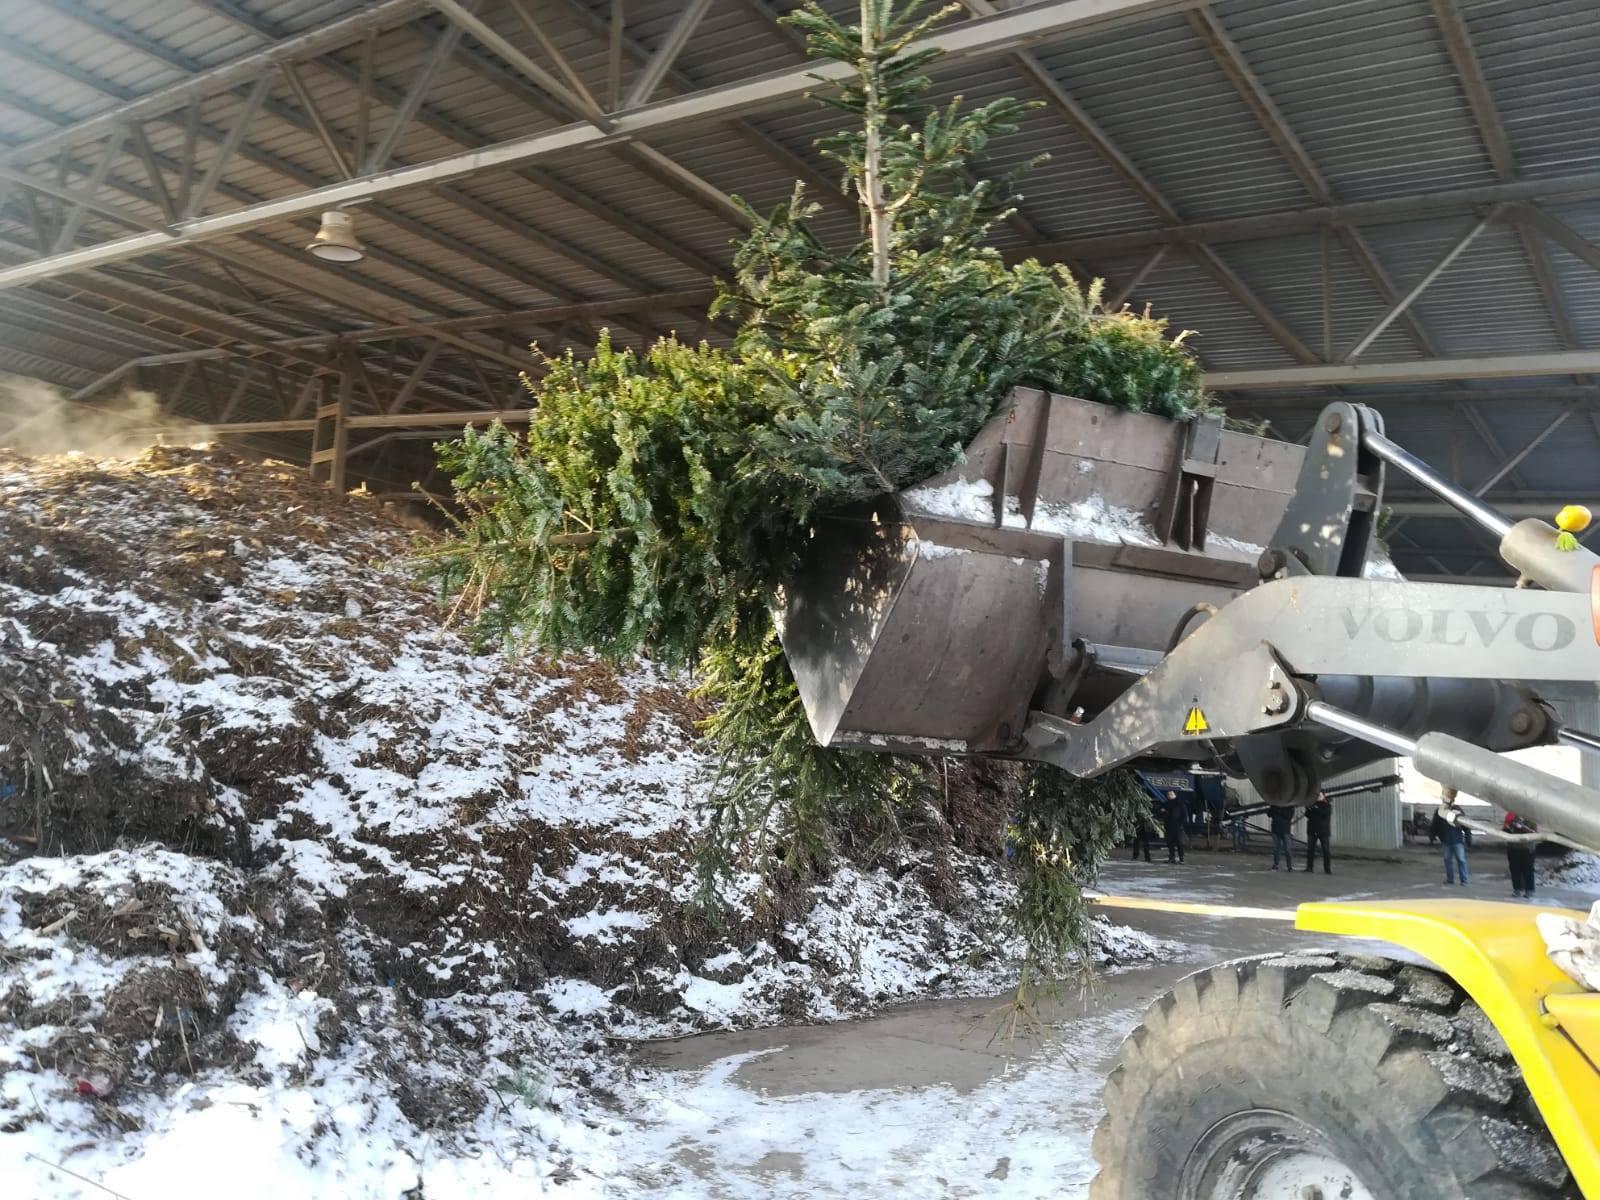 Brazi de Crăciun, reciclaţi pentru îngrăşământ